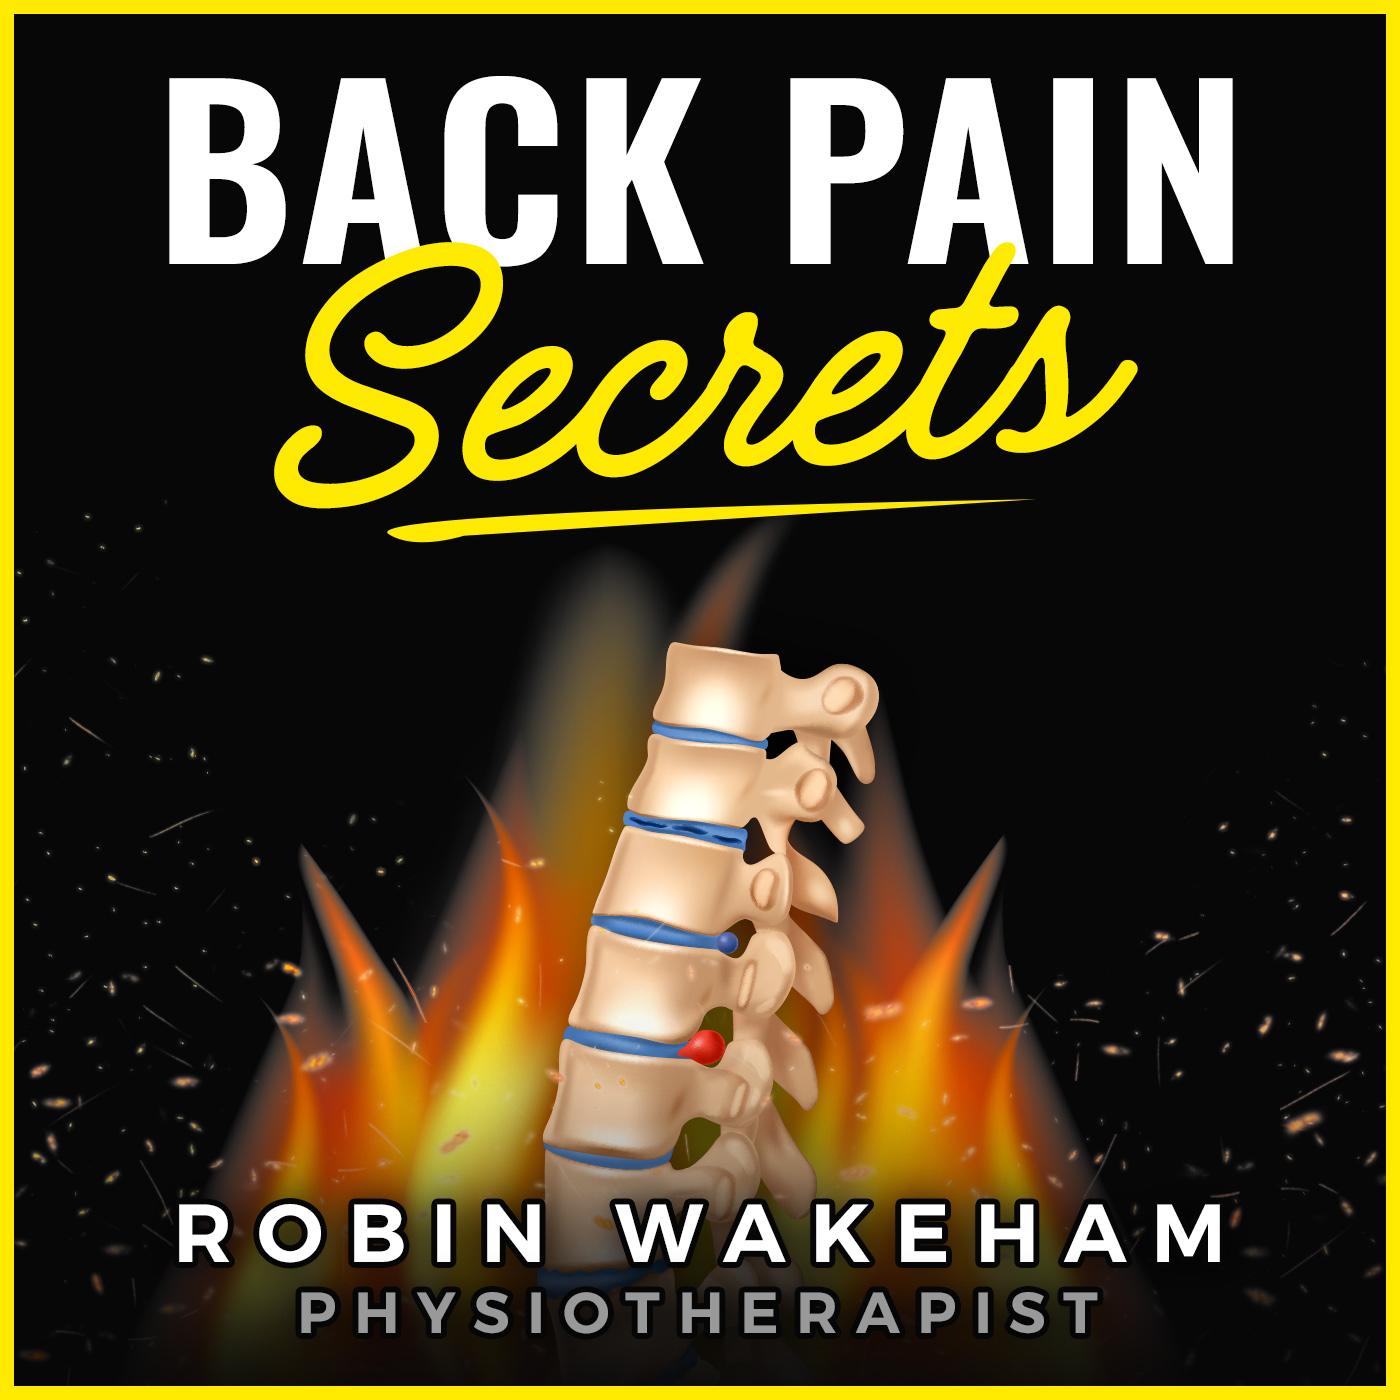 Back Pain Secrets Podcast show art